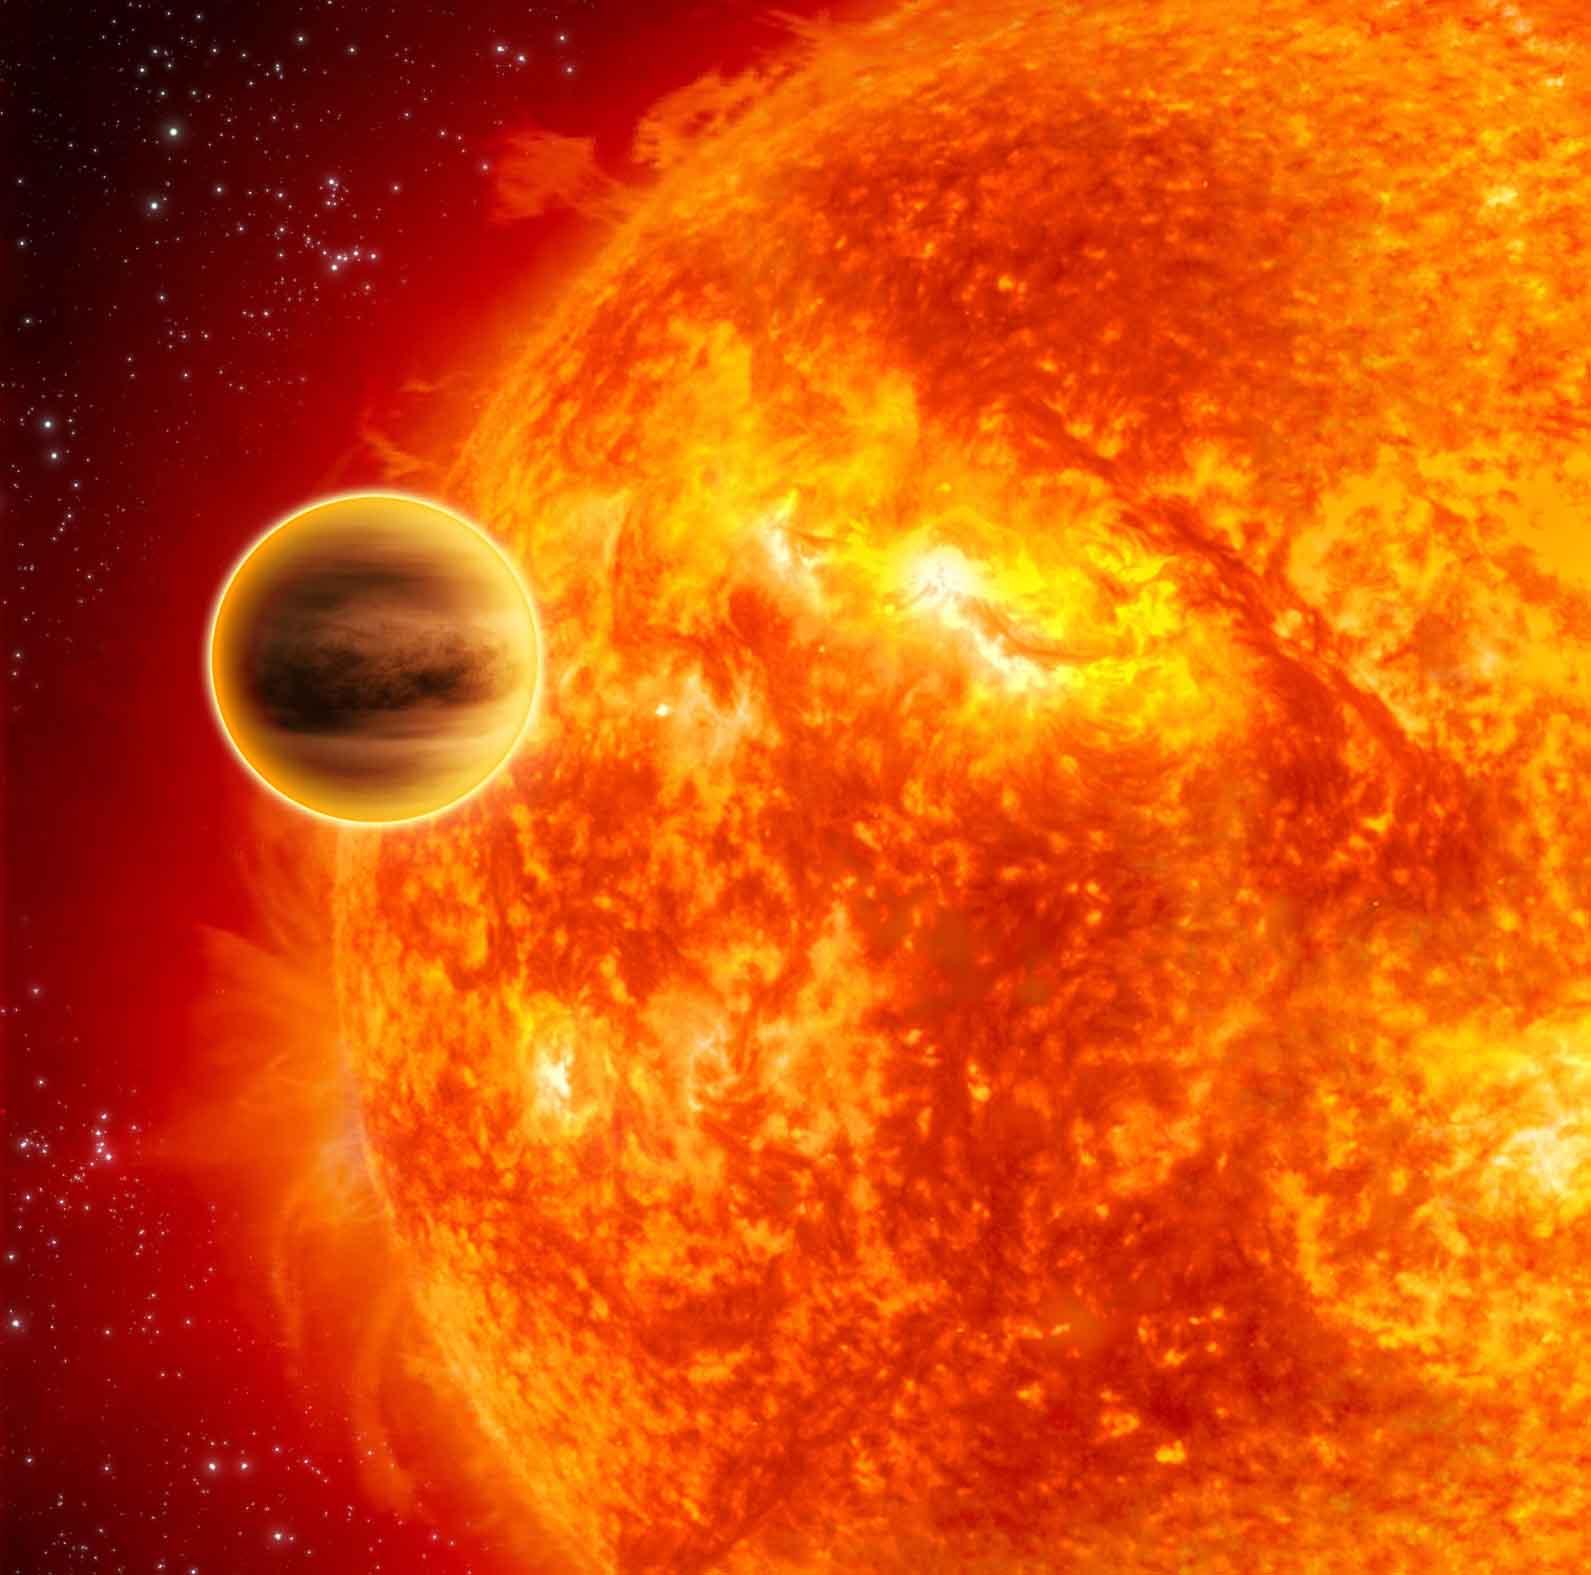 Вспышка на Солнце может лишь попортить электроприборы